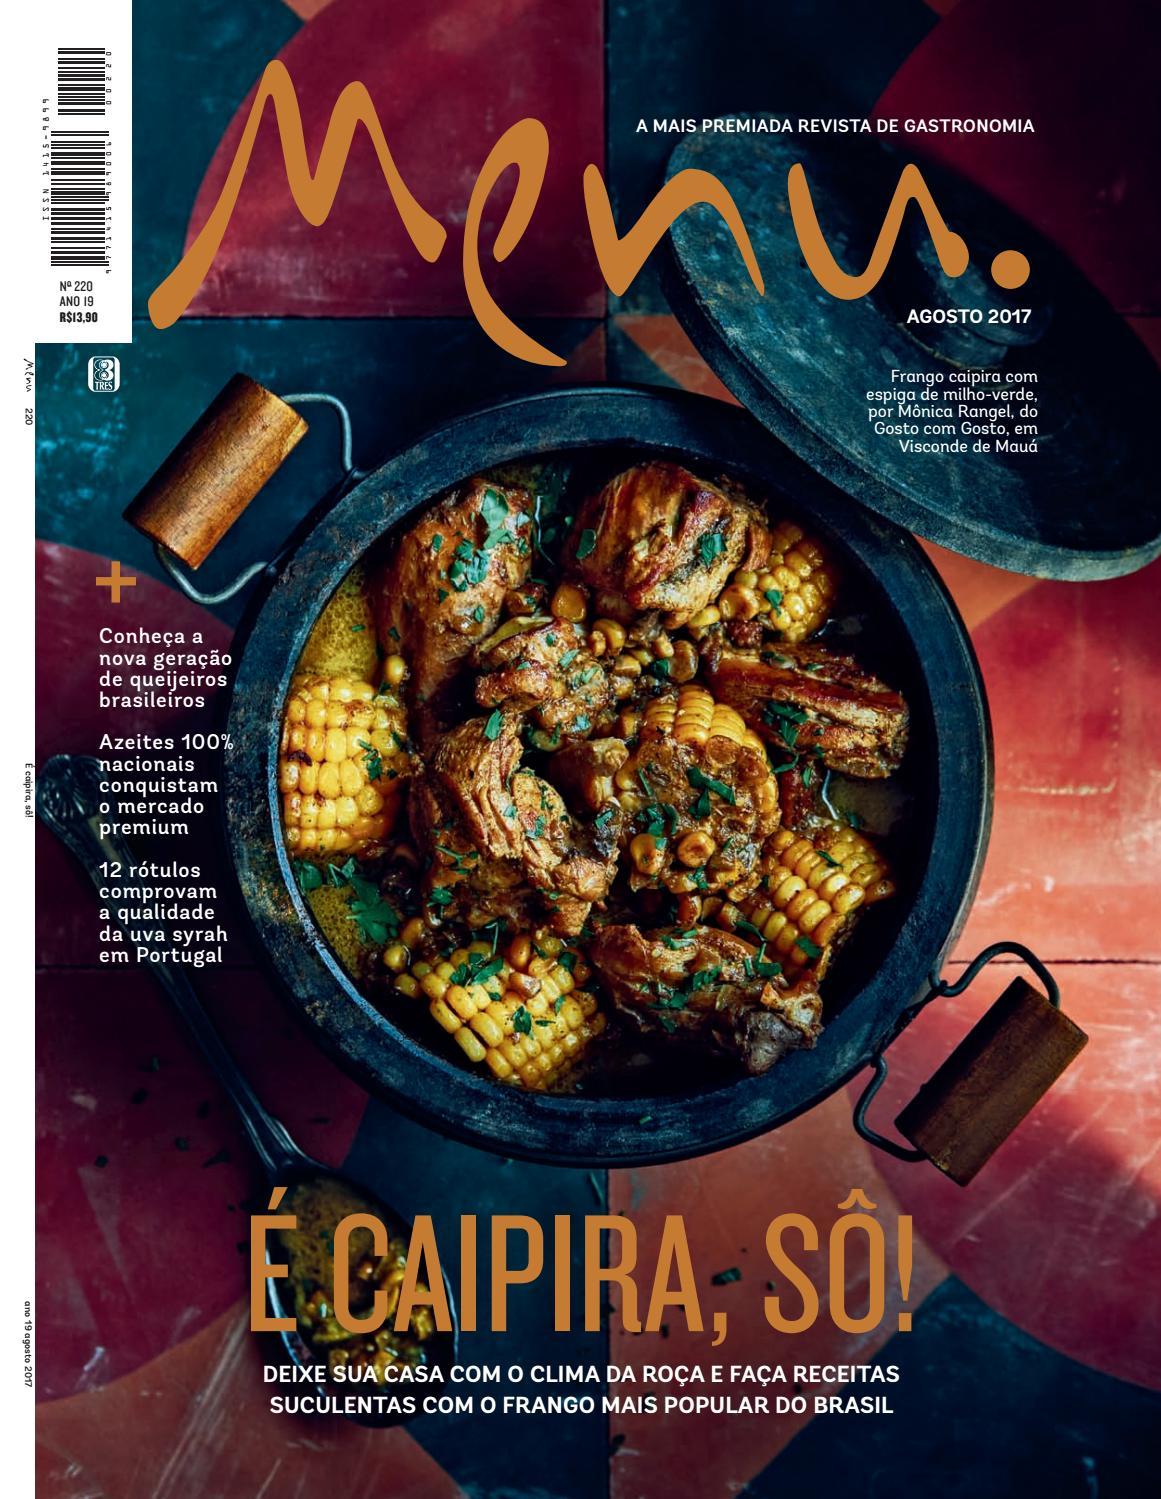 7d305f6626c Menu 220 by Editora 3 - issuu